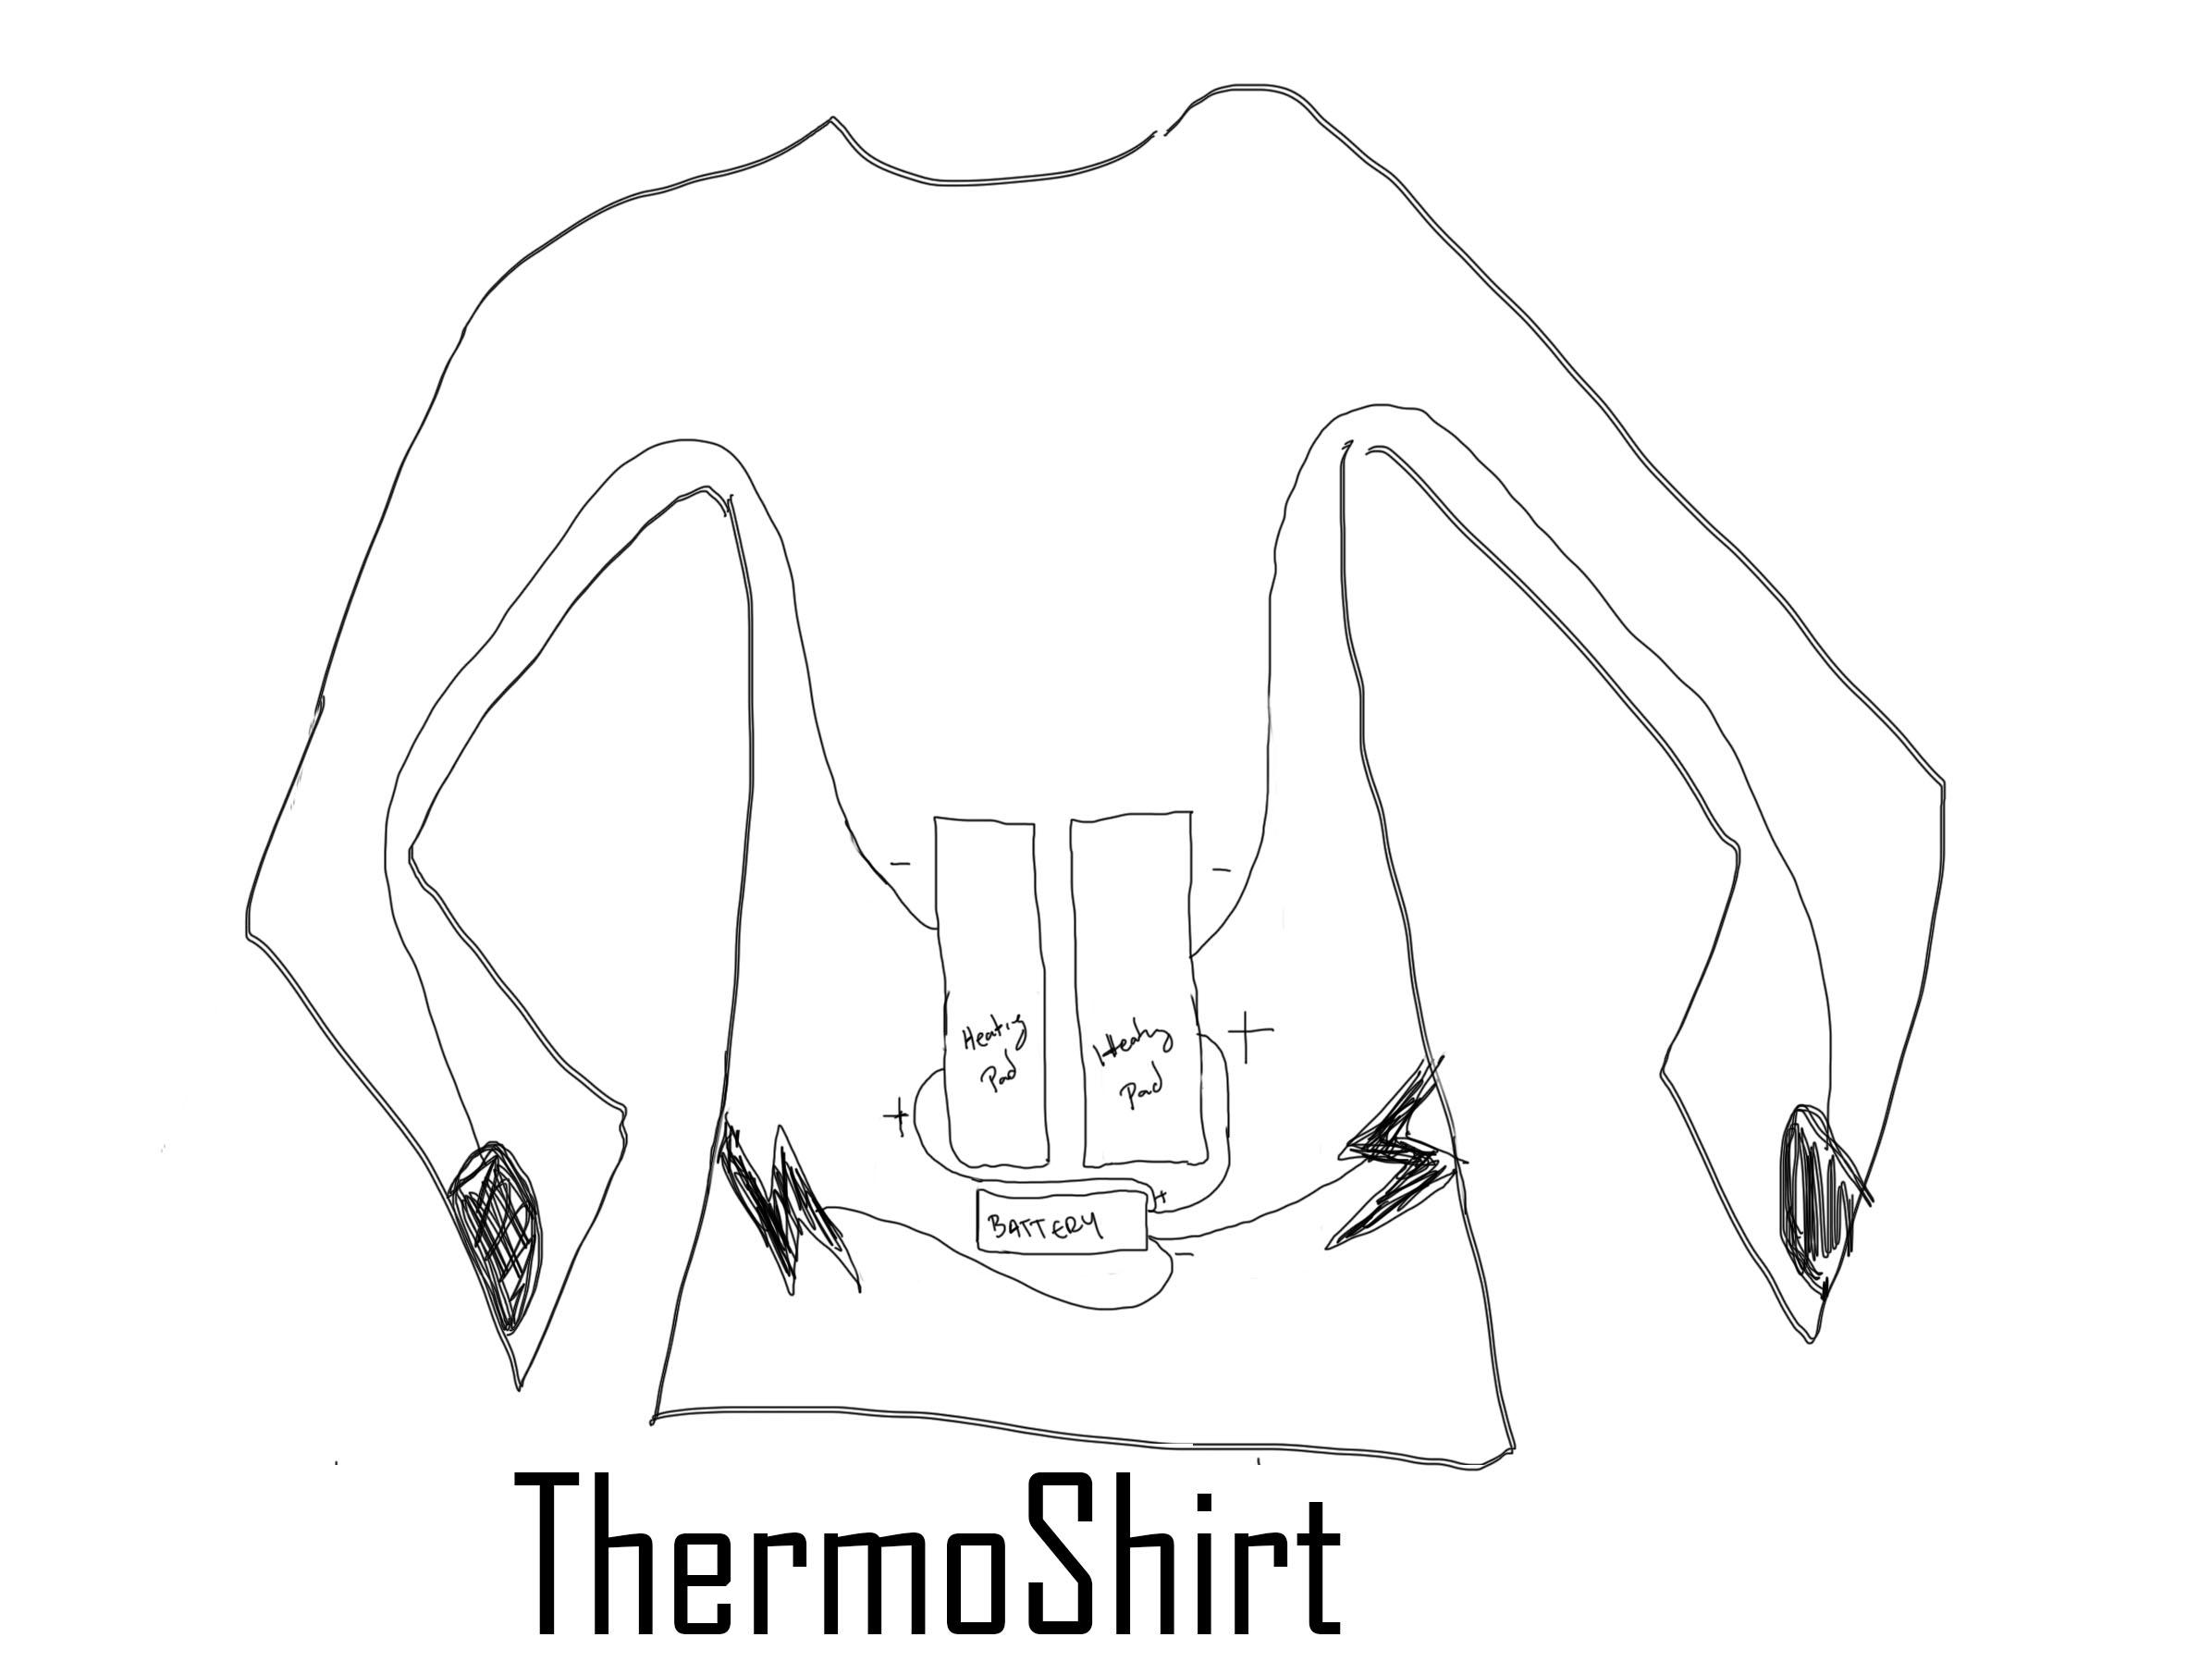 sh_schematic